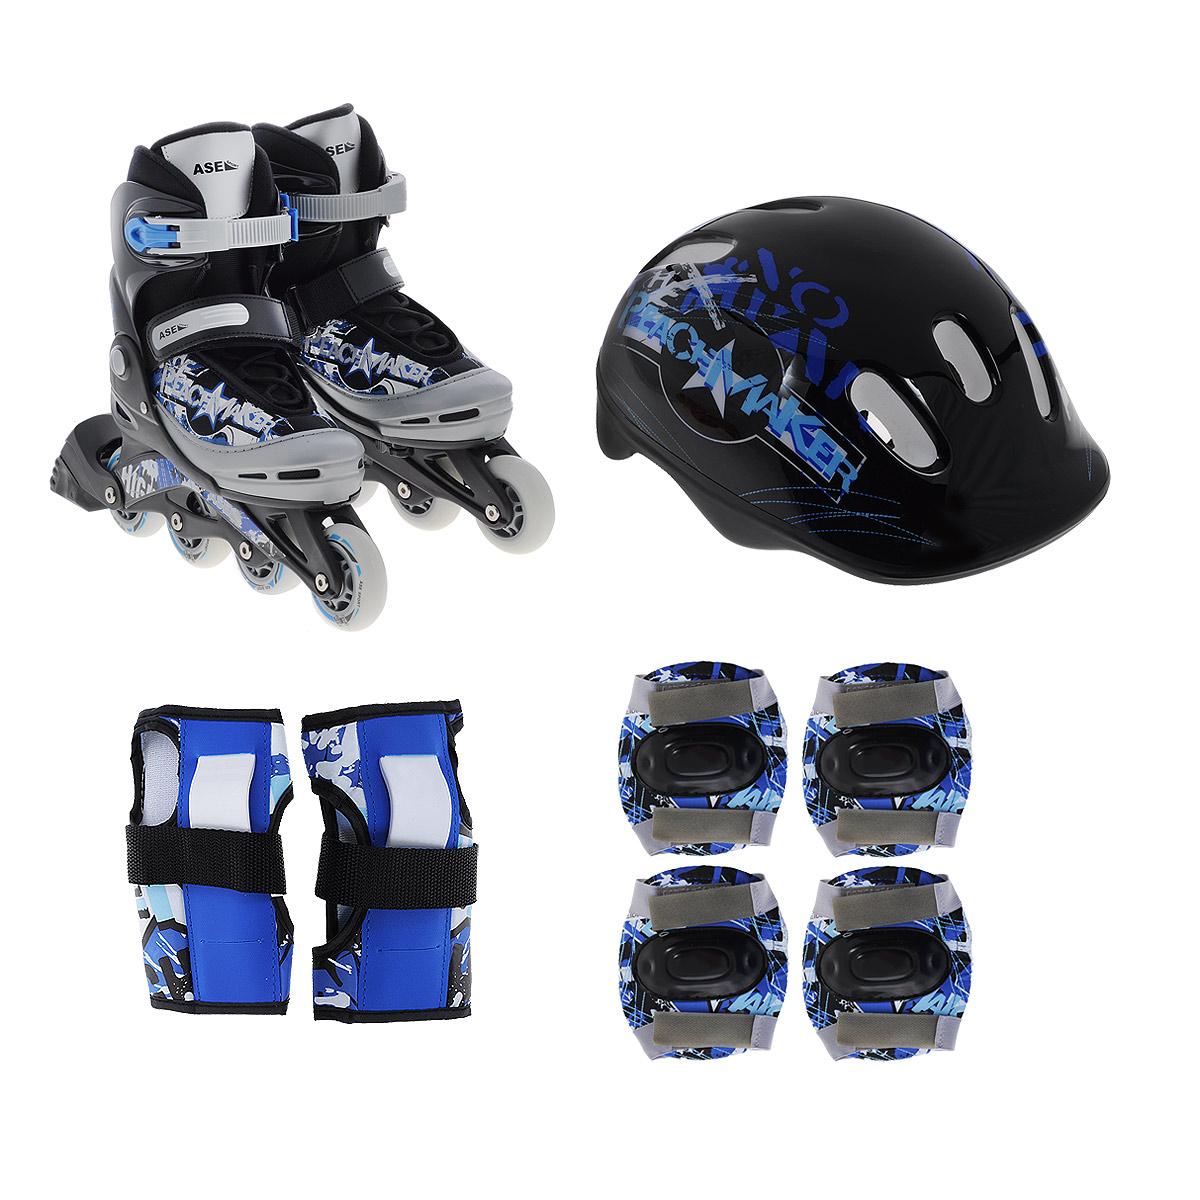 Комплект Ase-Sport Combo: коньки роликовые, шлем, защита, цвет: синий. ASE-617M. Размер S (30/33)COMBO ASE-617MКомплектуются роликовыми коньками ASE-617. Конструкция: верх сапожка изготовлен из современного синтетического материала, стойкого к внешним воздействиям. Внутри сапожка отделка сделана из синтетического материала с мягкой подкладкой в боковых частях для более удобной и надежной фиксации ноги во время катания. Застежка типа AUTO LOCK удобно регулируется на нужный размер. Система изменения размера корпуса проста в использовании, позволяет быстро и комфортно подогнать сапожок под ногу. ы Корпус роликов изготовлен из прочного пластика, стойкого к механическим нагрузкам и внешним воздействиям окружающей среды. Интегрированная в корпус рама (единая конструкция) дает дополнительную прочность корпусу, исключая риск поломки при механических нагрузках, а также эффективно гасит вибрацию во время катания. Стельки сделаны из специального вспененного материала, который удобно повторяет анатомическое строение стопы ноги и дополнительно поглощает вибрацию. Шнуровка коньков:...